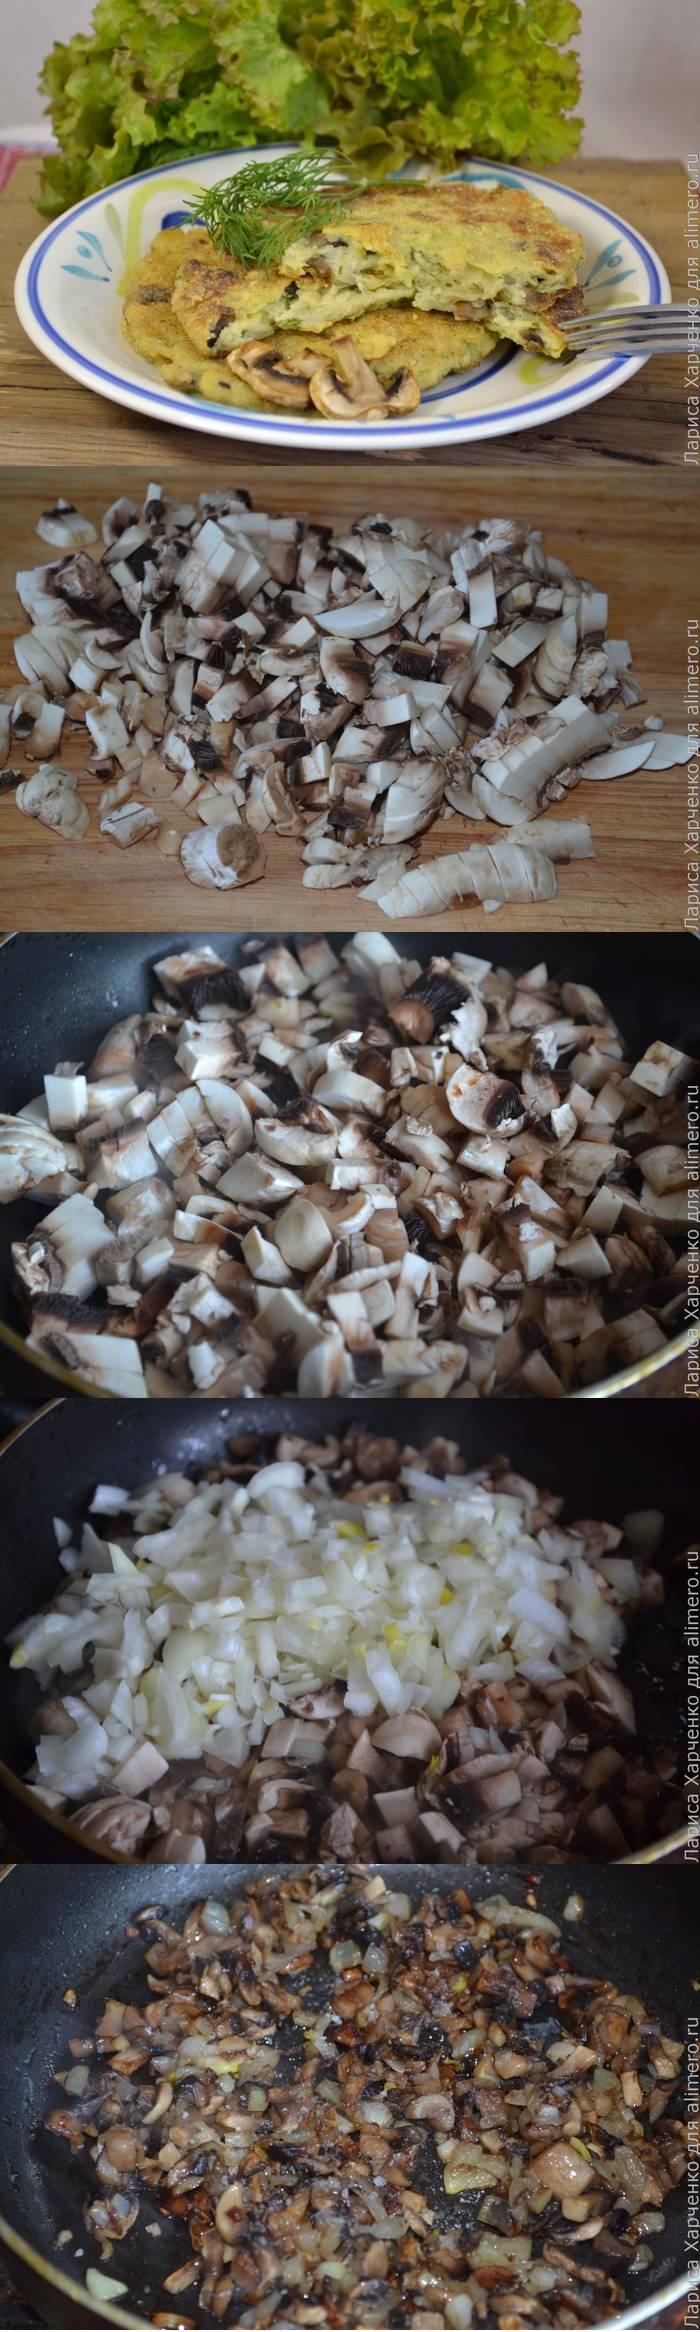 Картофельные лепёшки с грибами